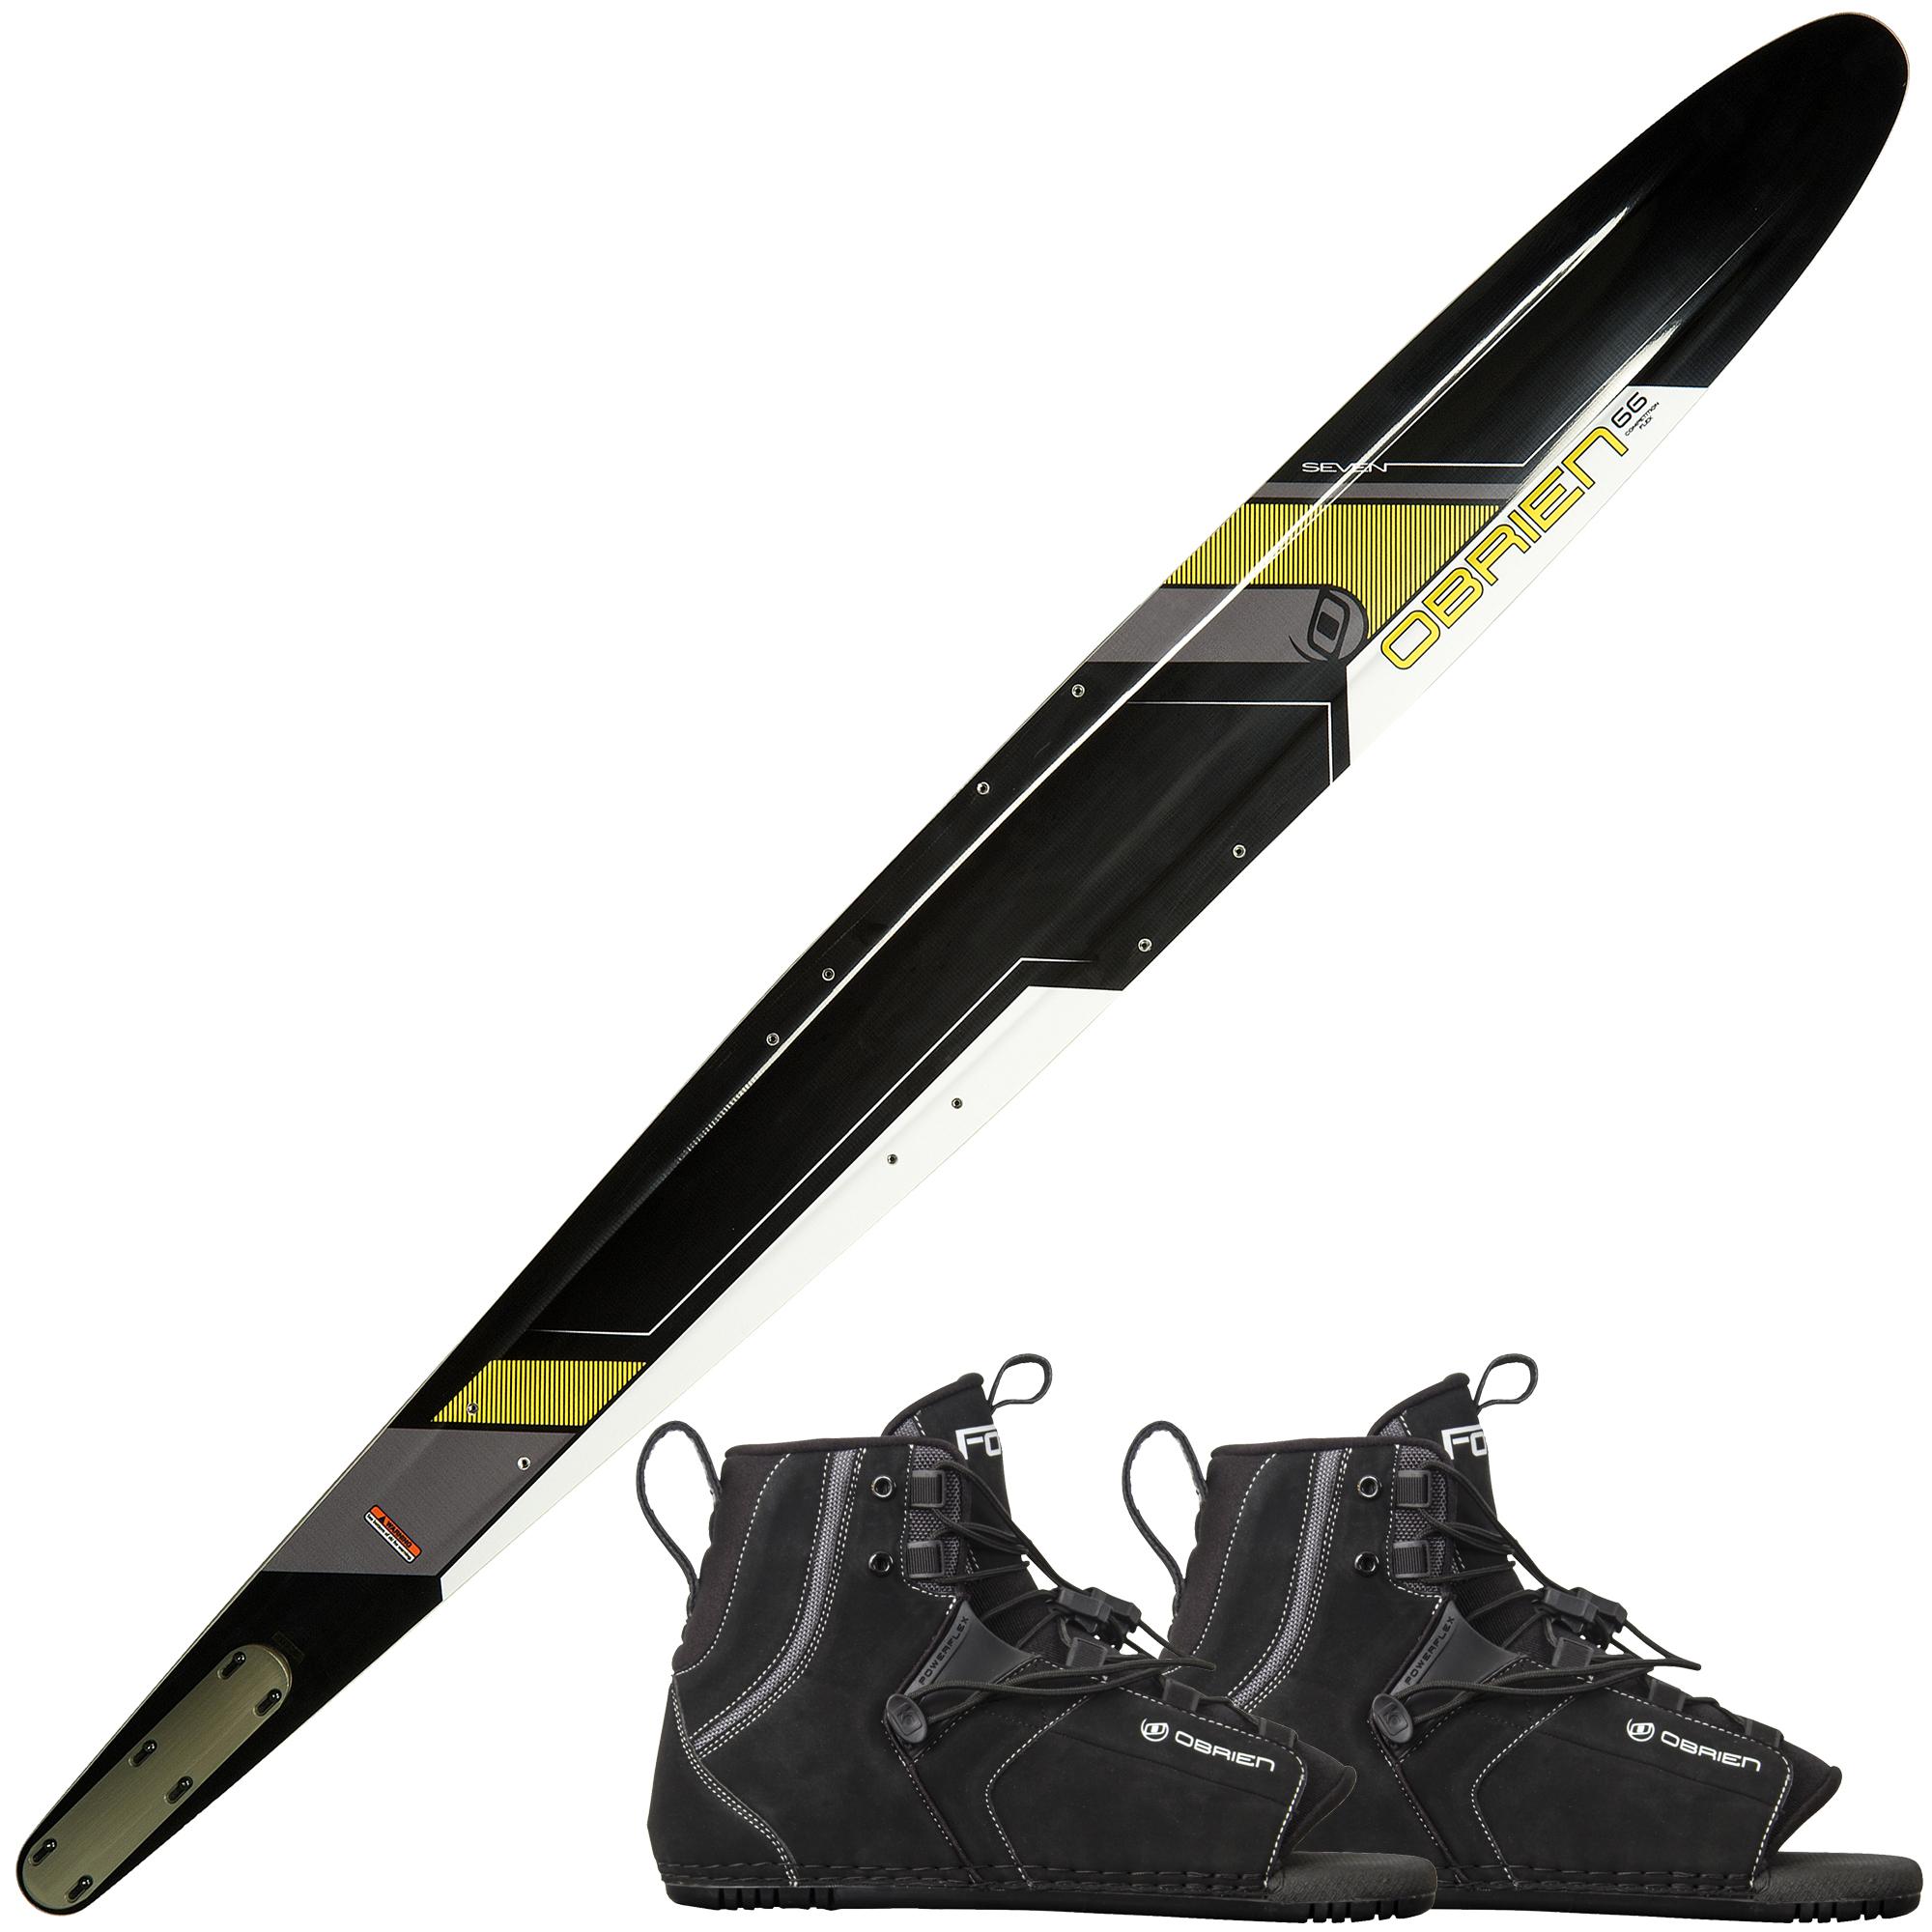 O'Brien Seven Slalom Waterski With Double Force Bindings